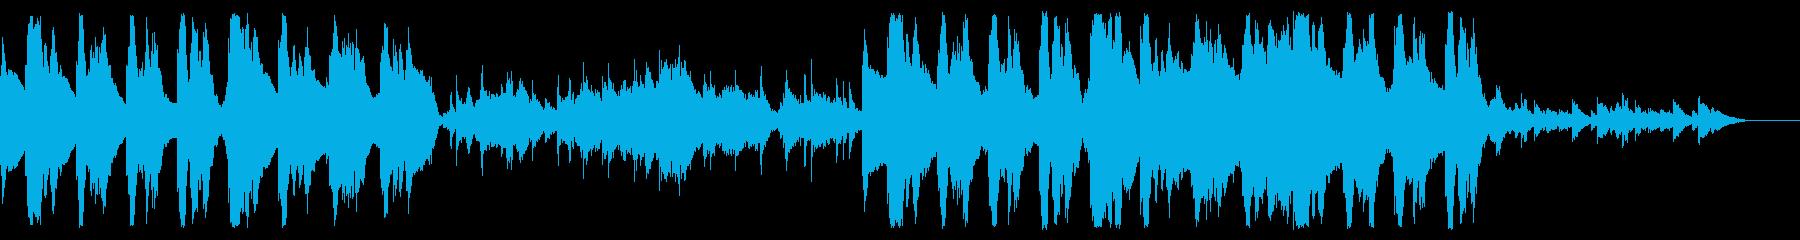 ギターのアルペジオが物悲しいバラードの再生済みの波形